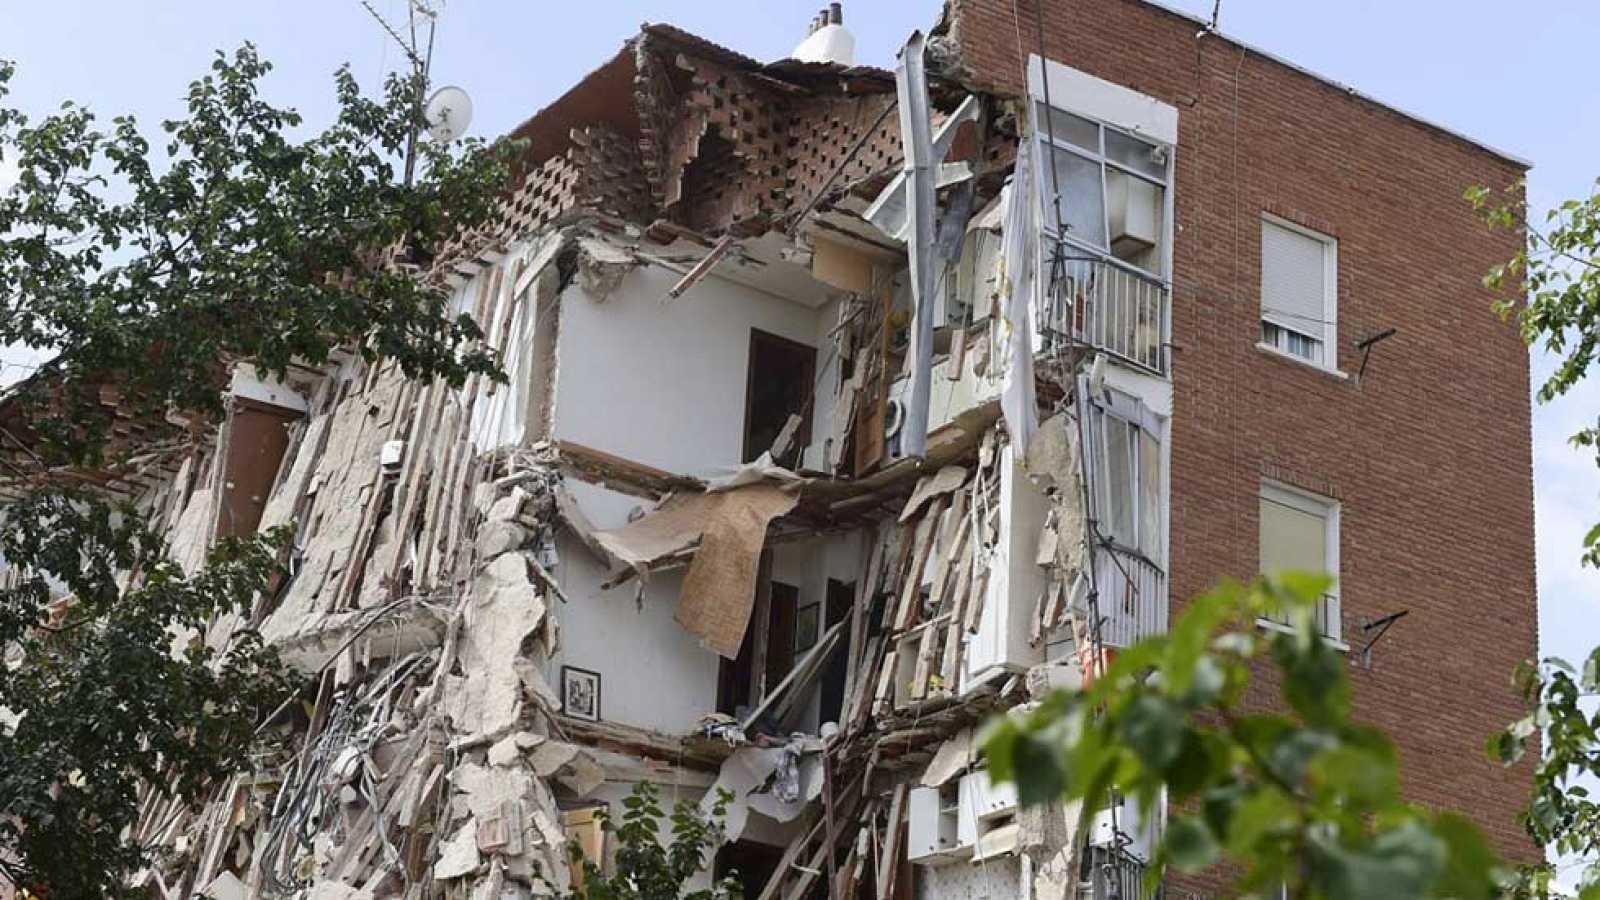 Derrumbe de un bloque de viviendas sin víctimas en Carabanchel